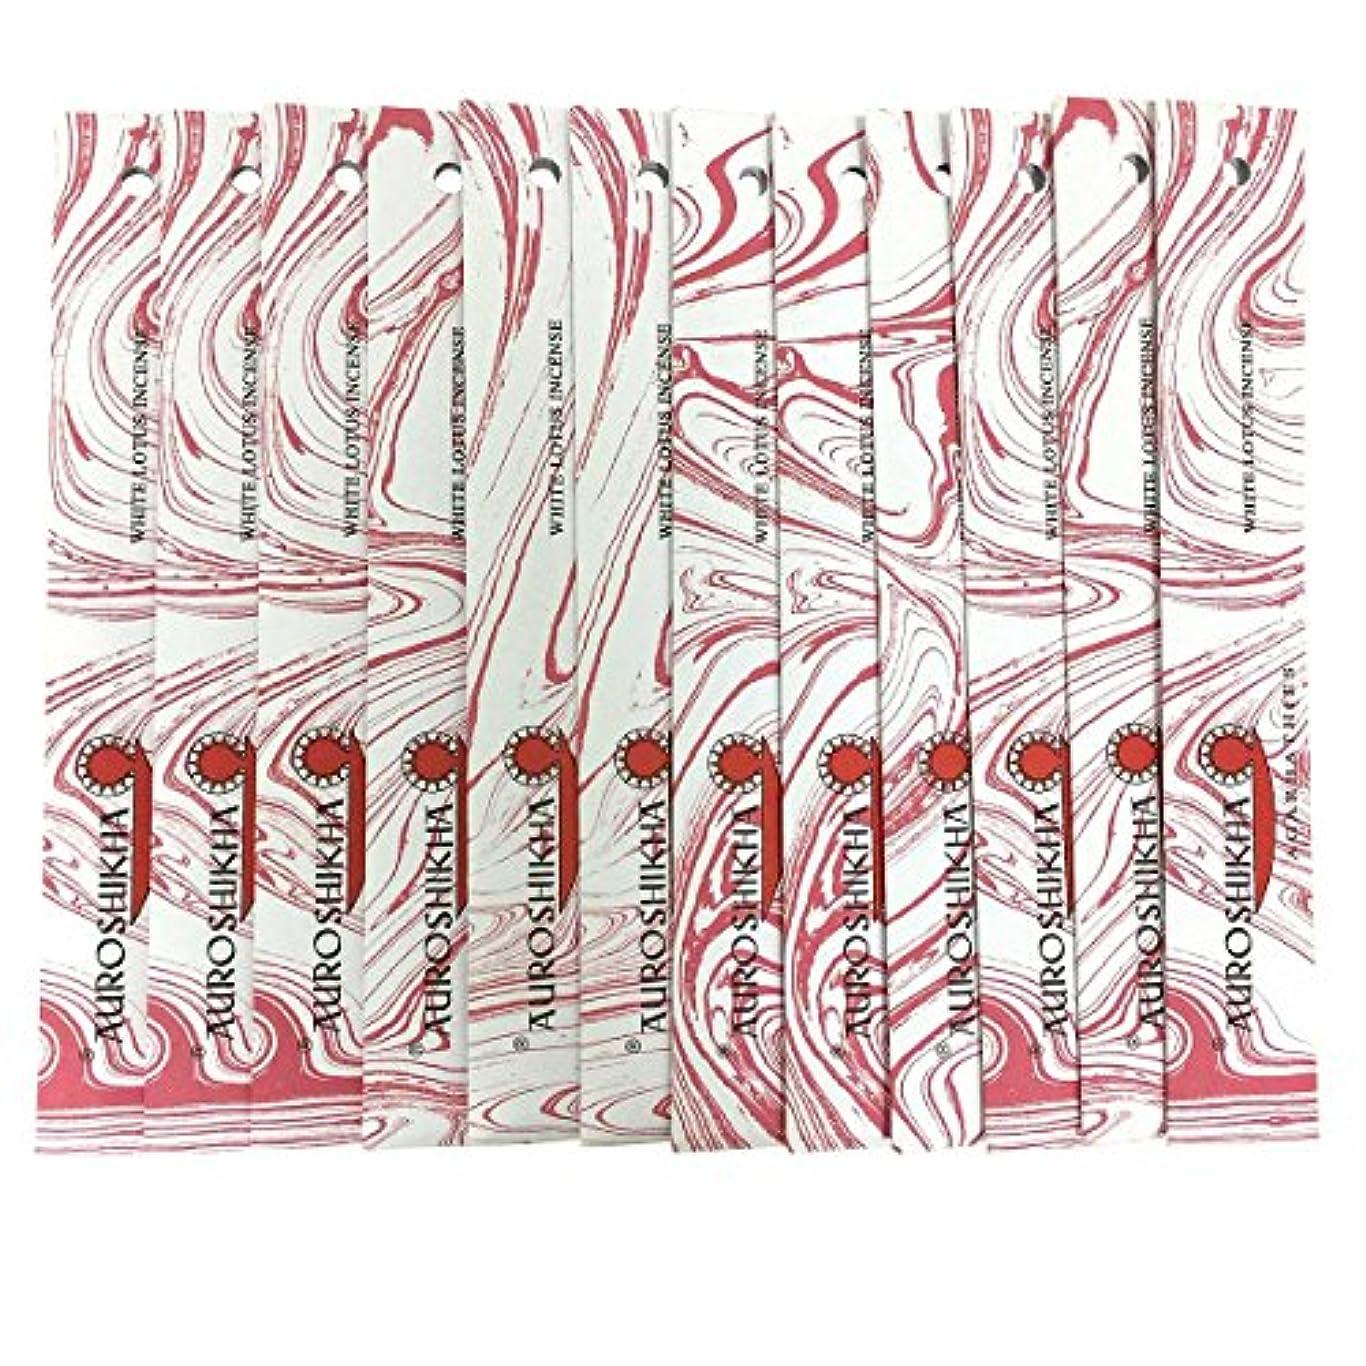 より奴隷ハンサムAUROSHIKHA オウロシカ(WHITE LOTUSホワイトロータス12個セット) マーブルパッケージスティック 送料無料